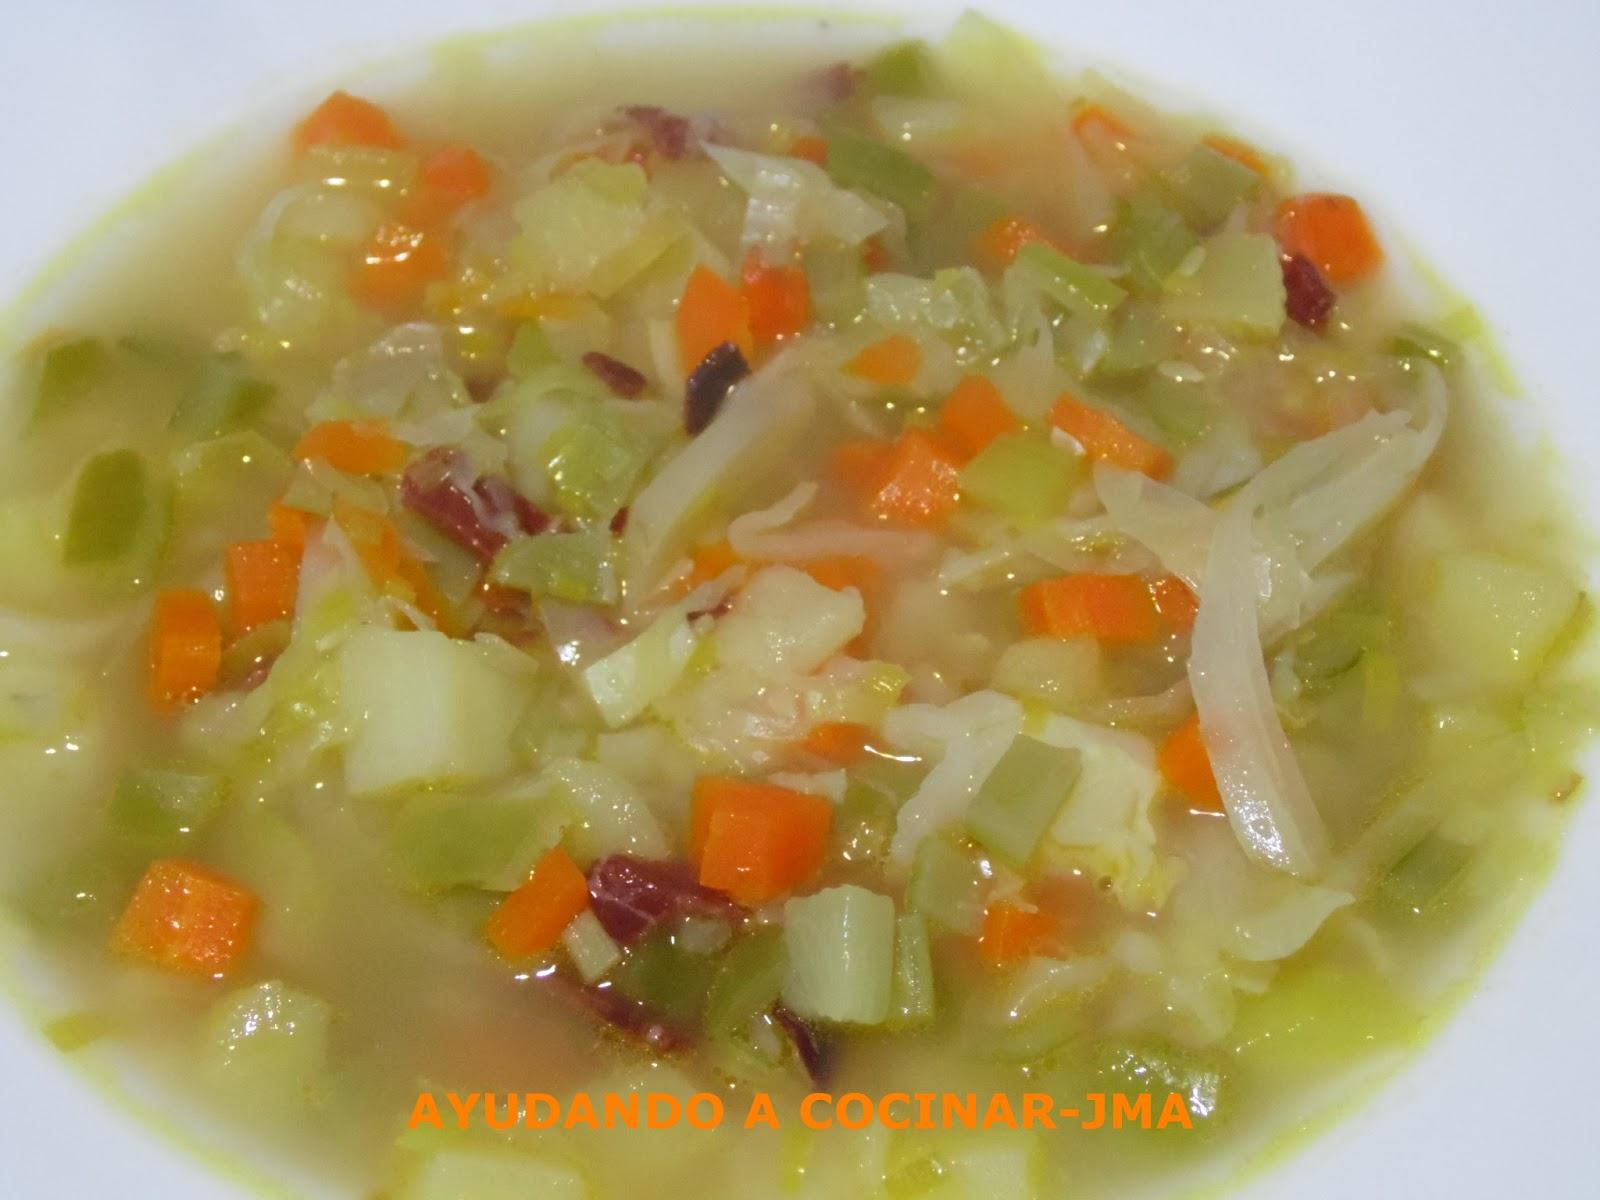 Ayudando a cocinar sopa con verduras - Cocinar verduras para dieta ...